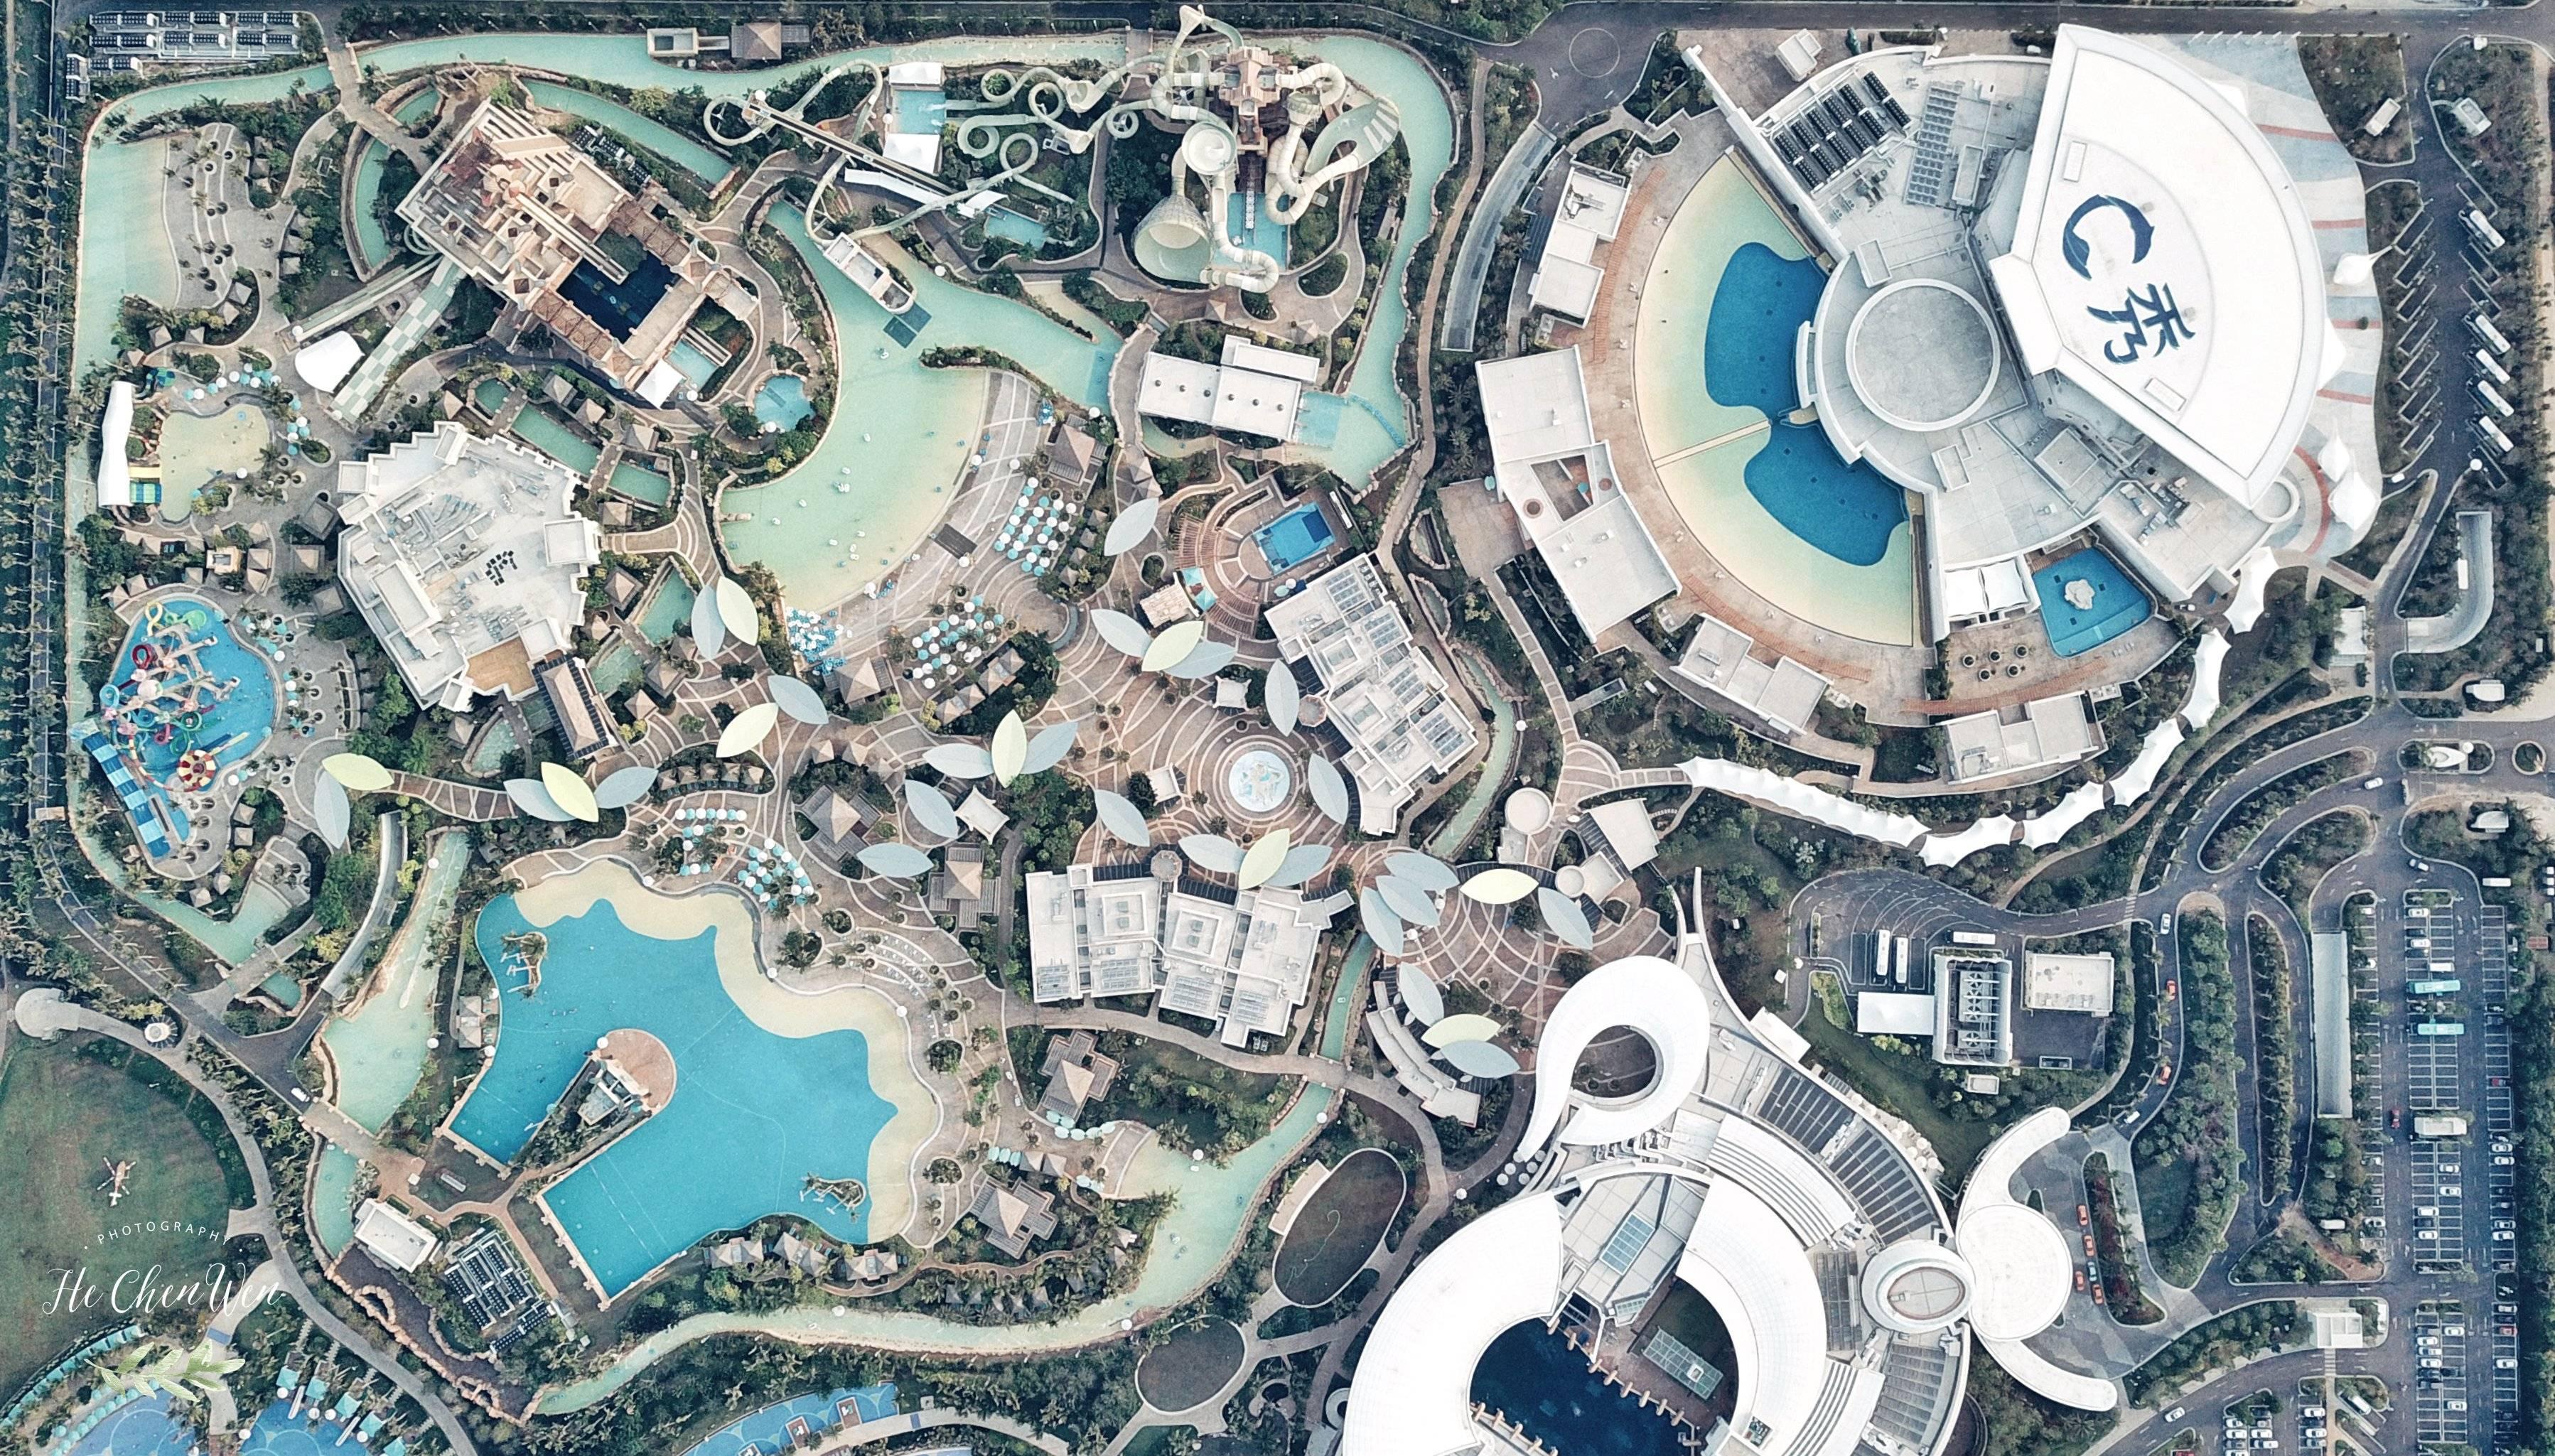 国内首家七星级酒店,探秘亚特兰蒂斯古城的秘密,体验人鱼传说